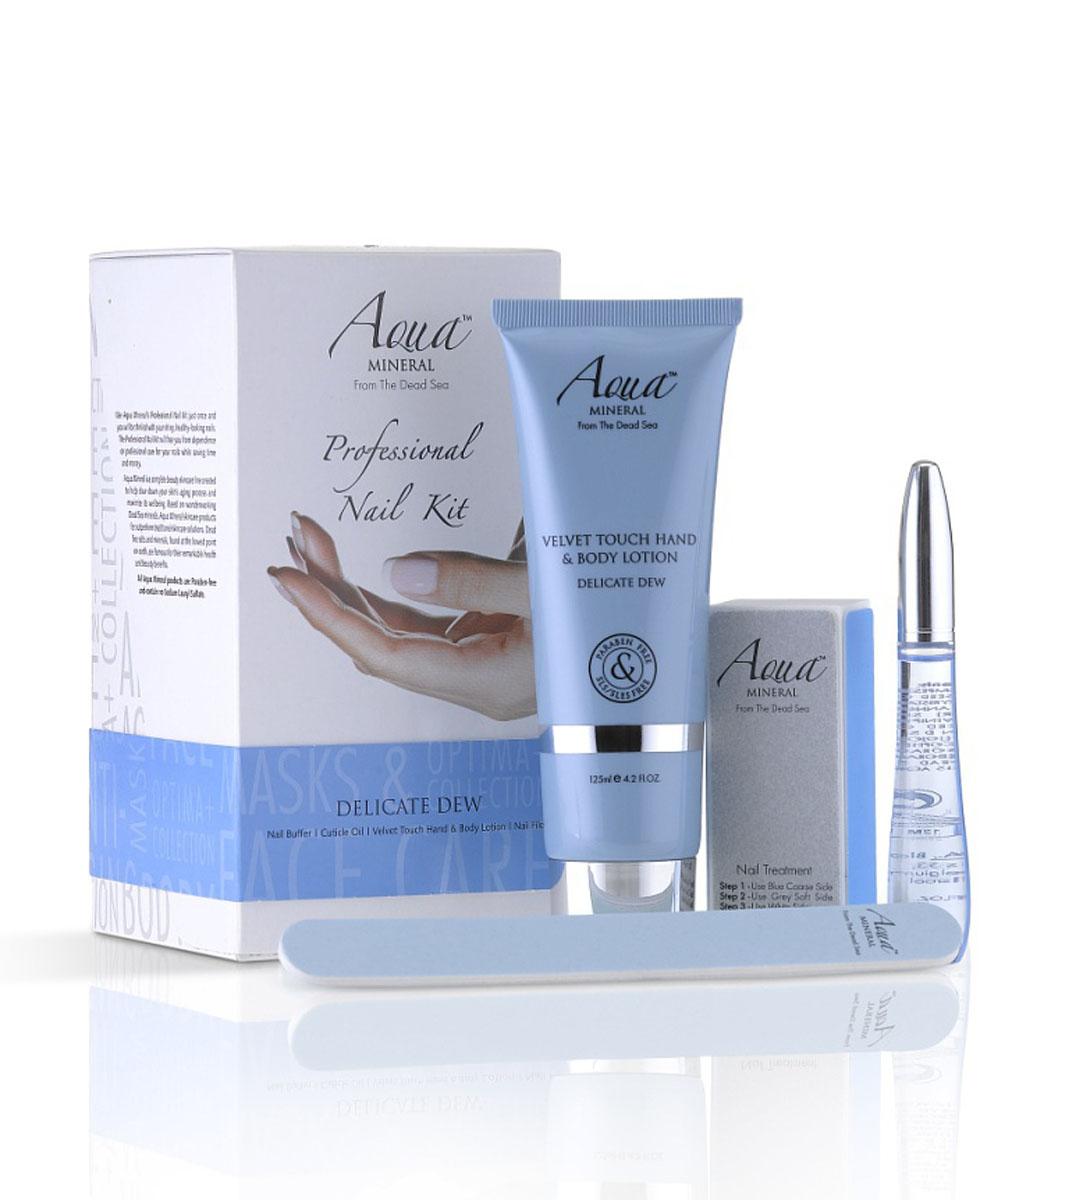 Aqua Mineral Набор для ухода за ногтями Нежная роса, маленькийMFM-3101Впечатляющая комбо-упаковка, включающая в себя все, что требуется для основательного и качественного ухода за ногтями.